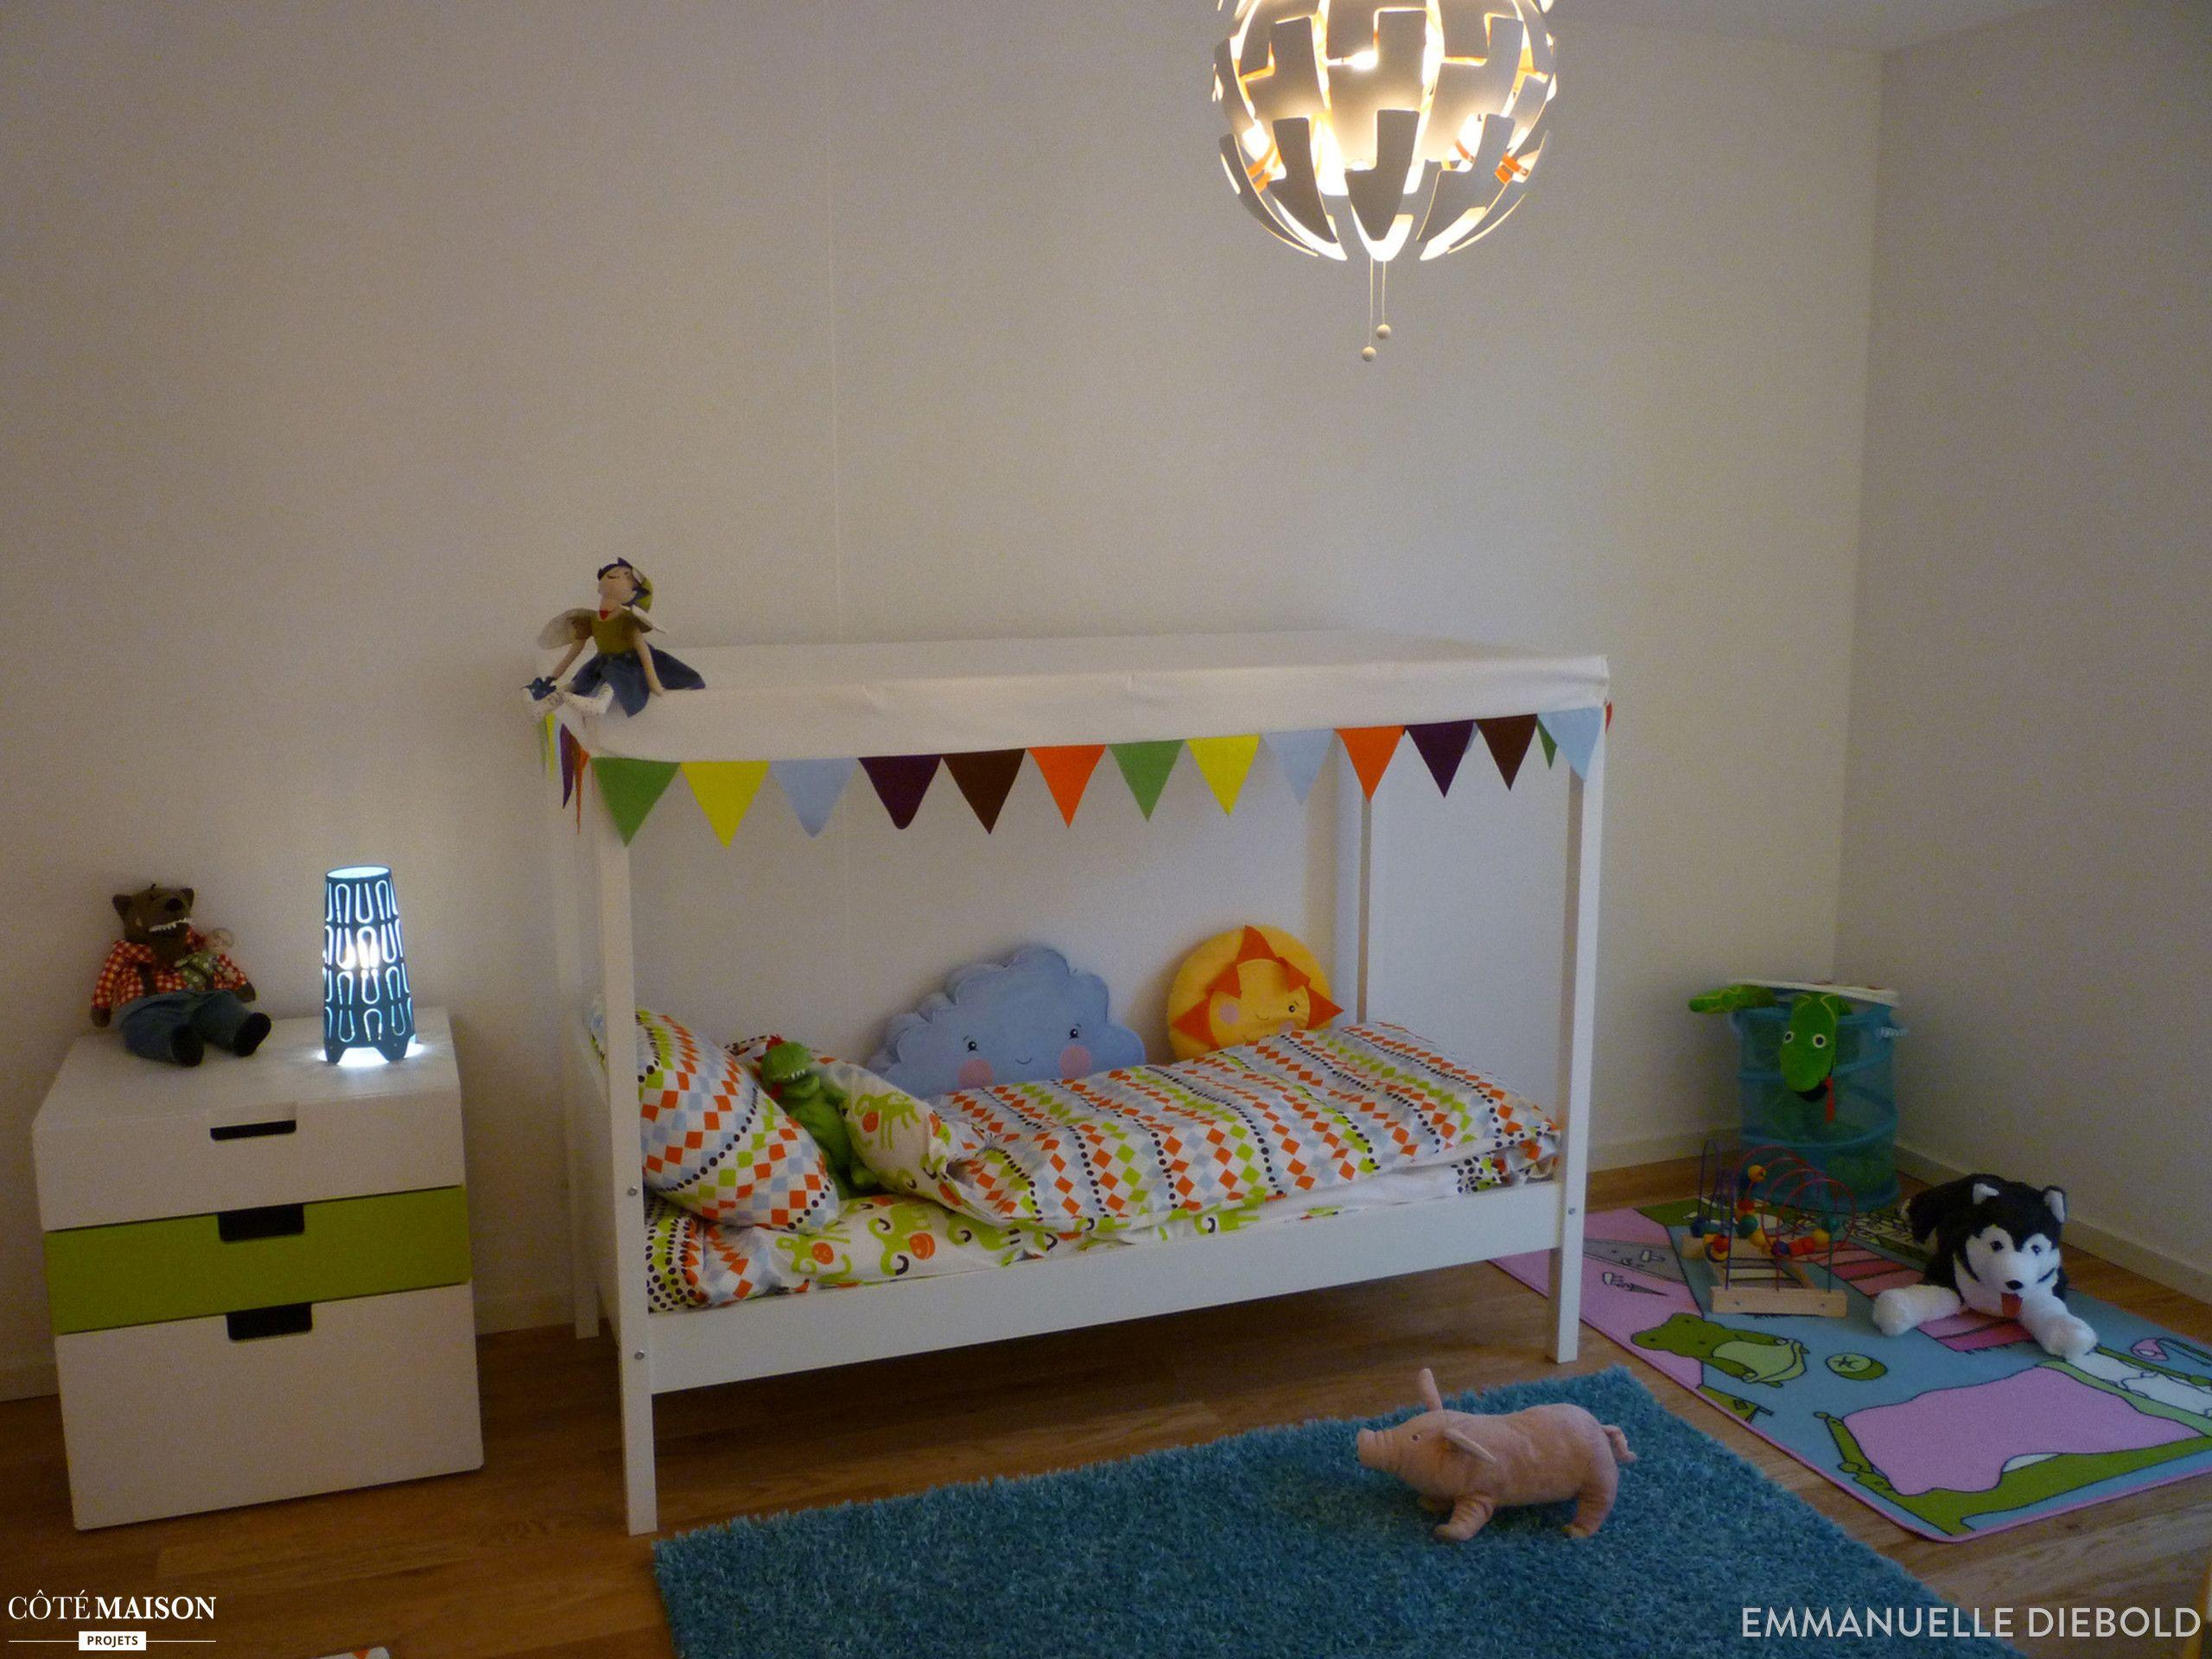 Un lit qui évoque une petite cabane l idéal pour une chambre d